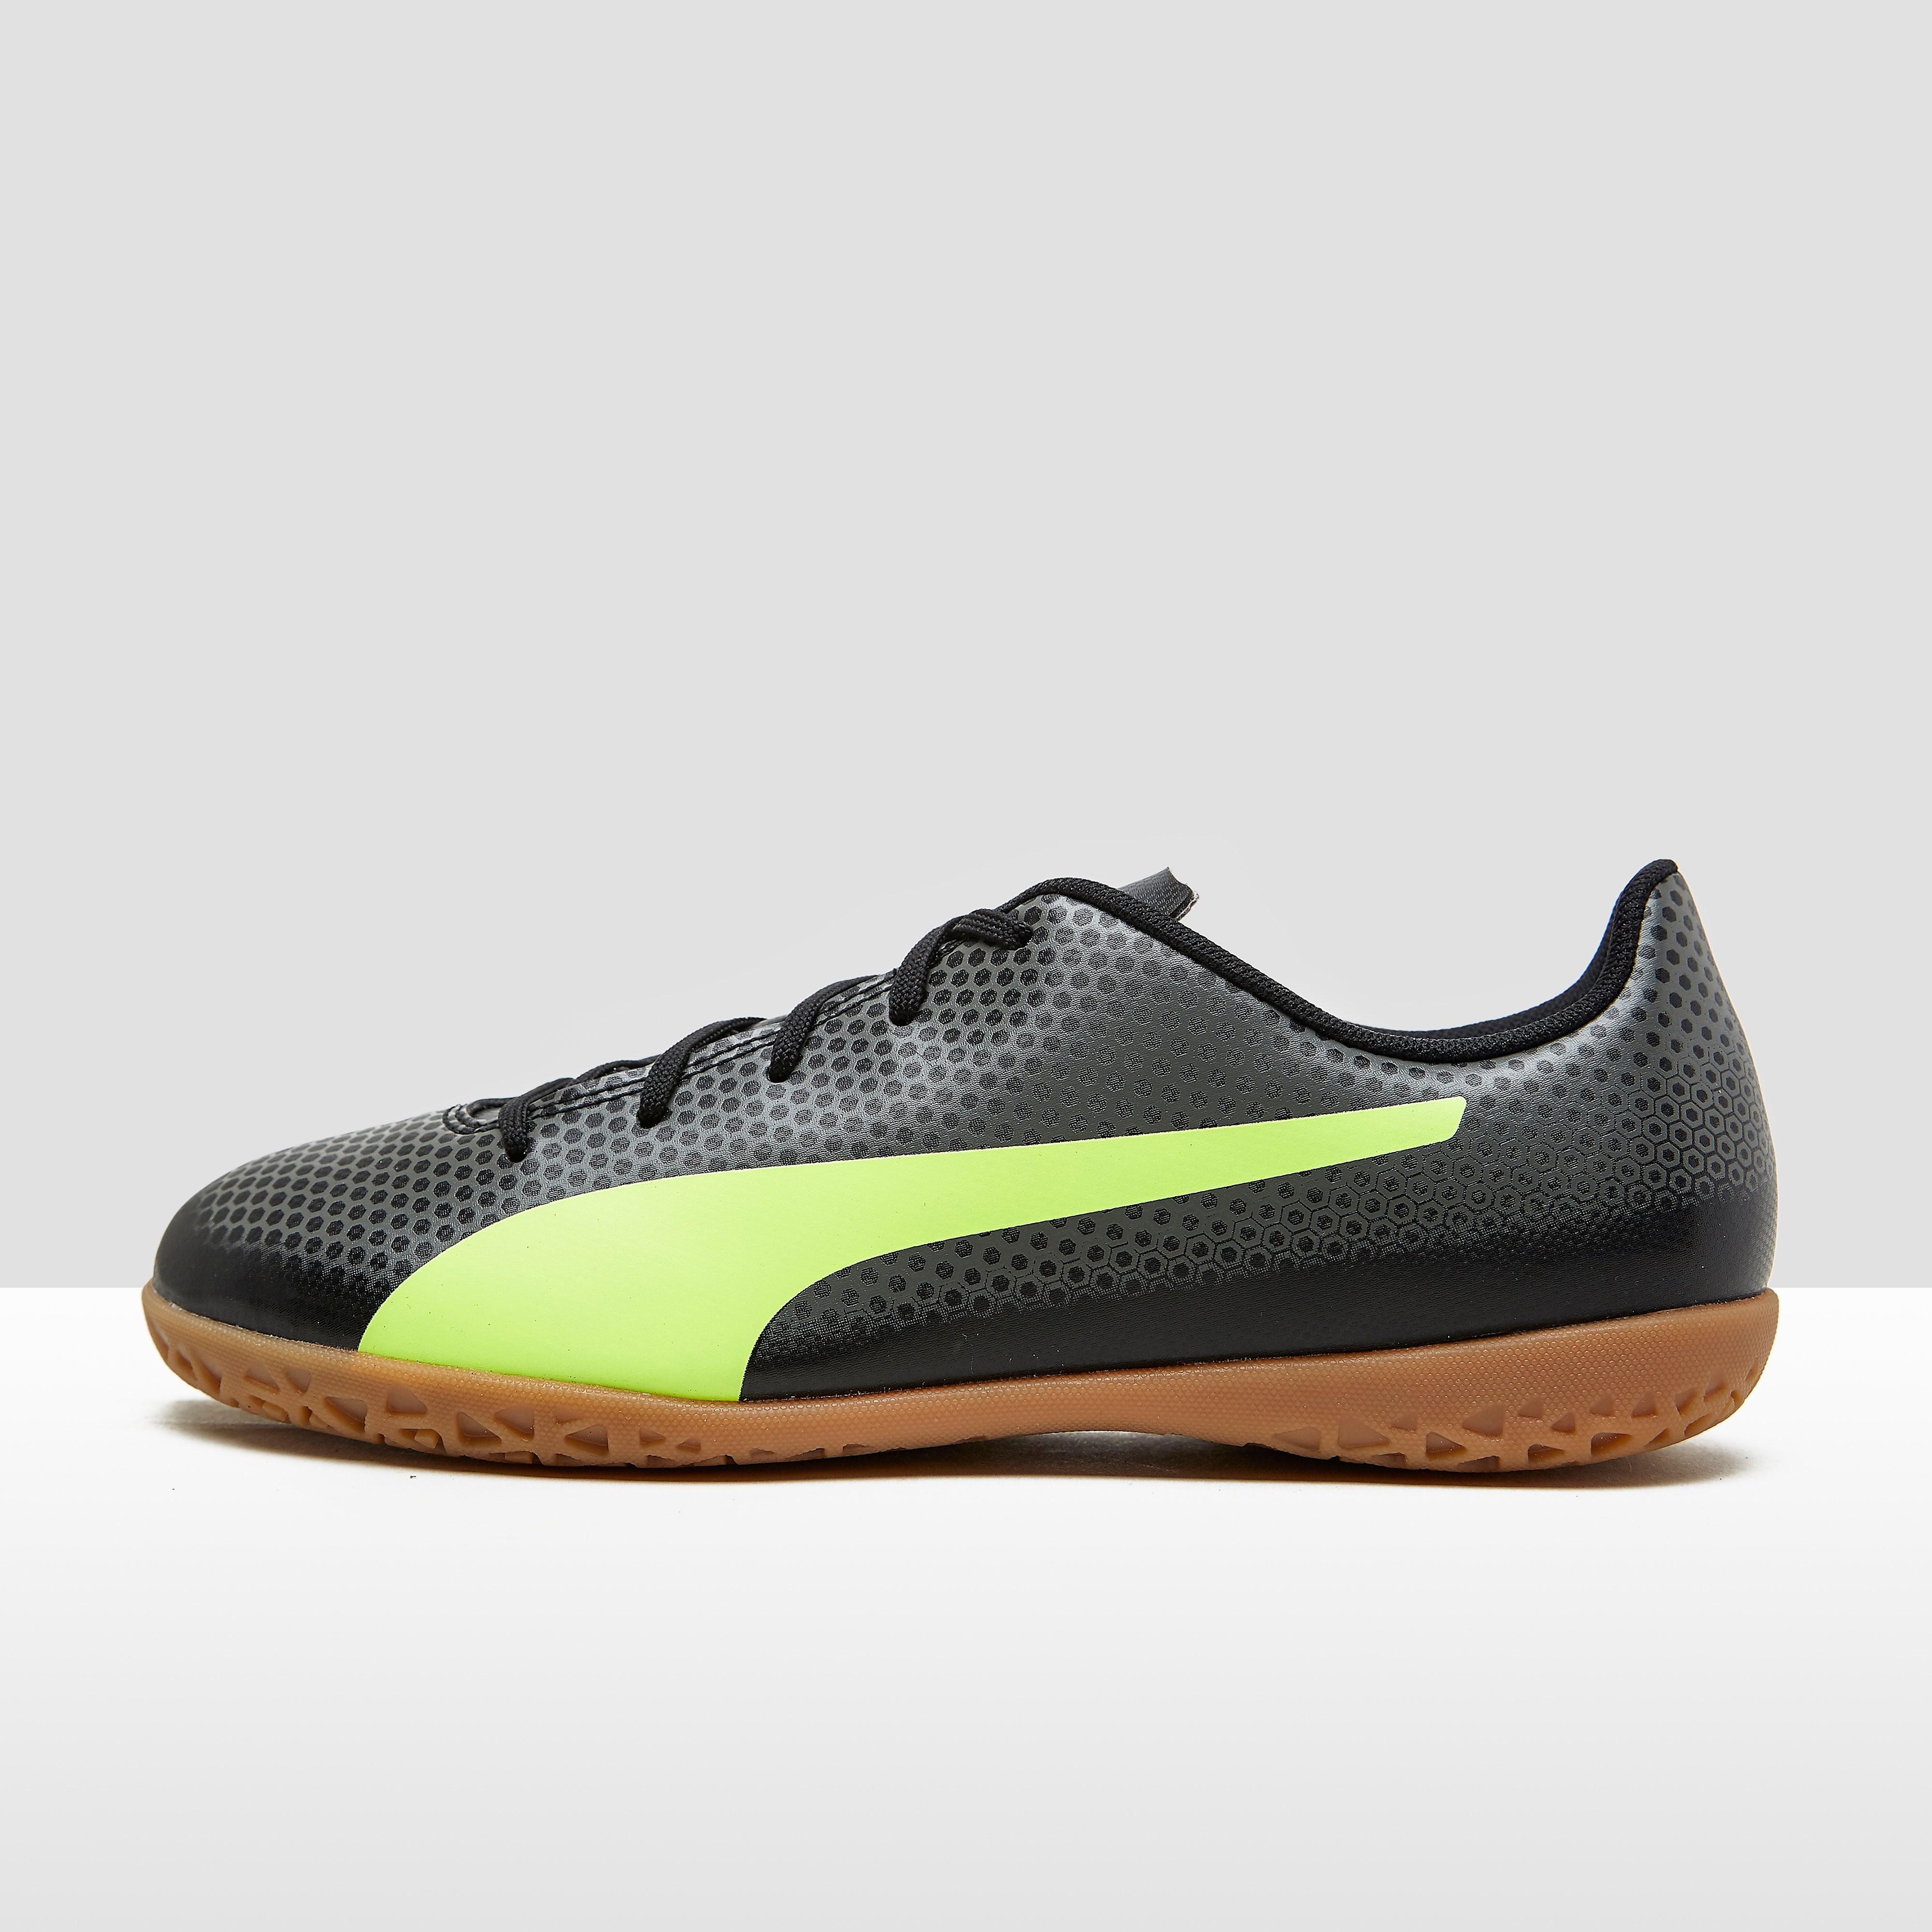 Spirit It Voetbalschoenen Zwart-Geel Kinderen. Size 38 5